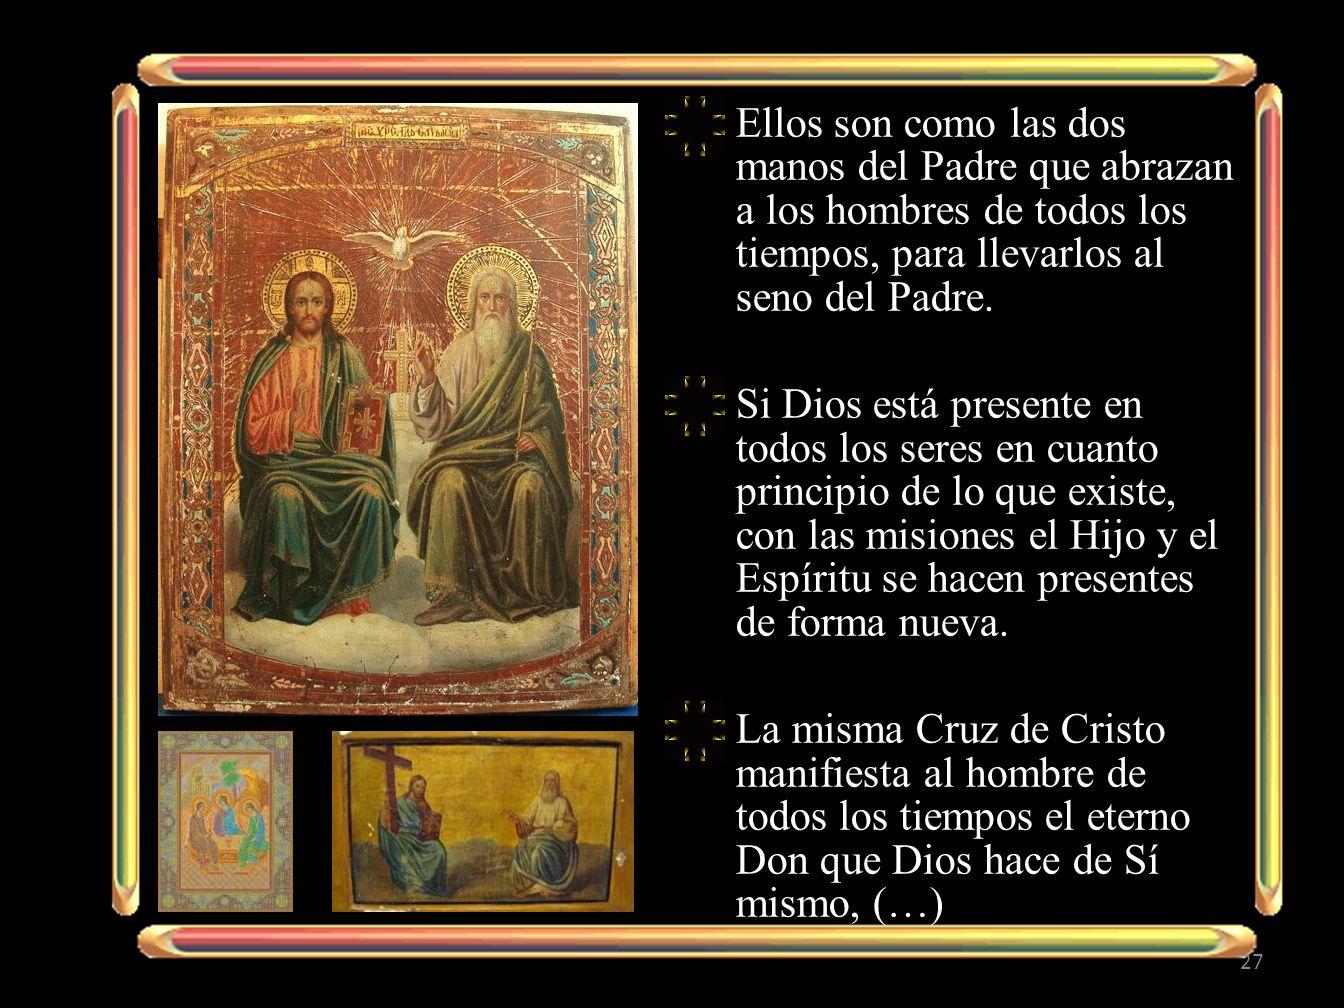 Ellos son como las dos manos del Padre que abrazan a los hombres de todos los tiempos, para llevarlos al seno del Padre.